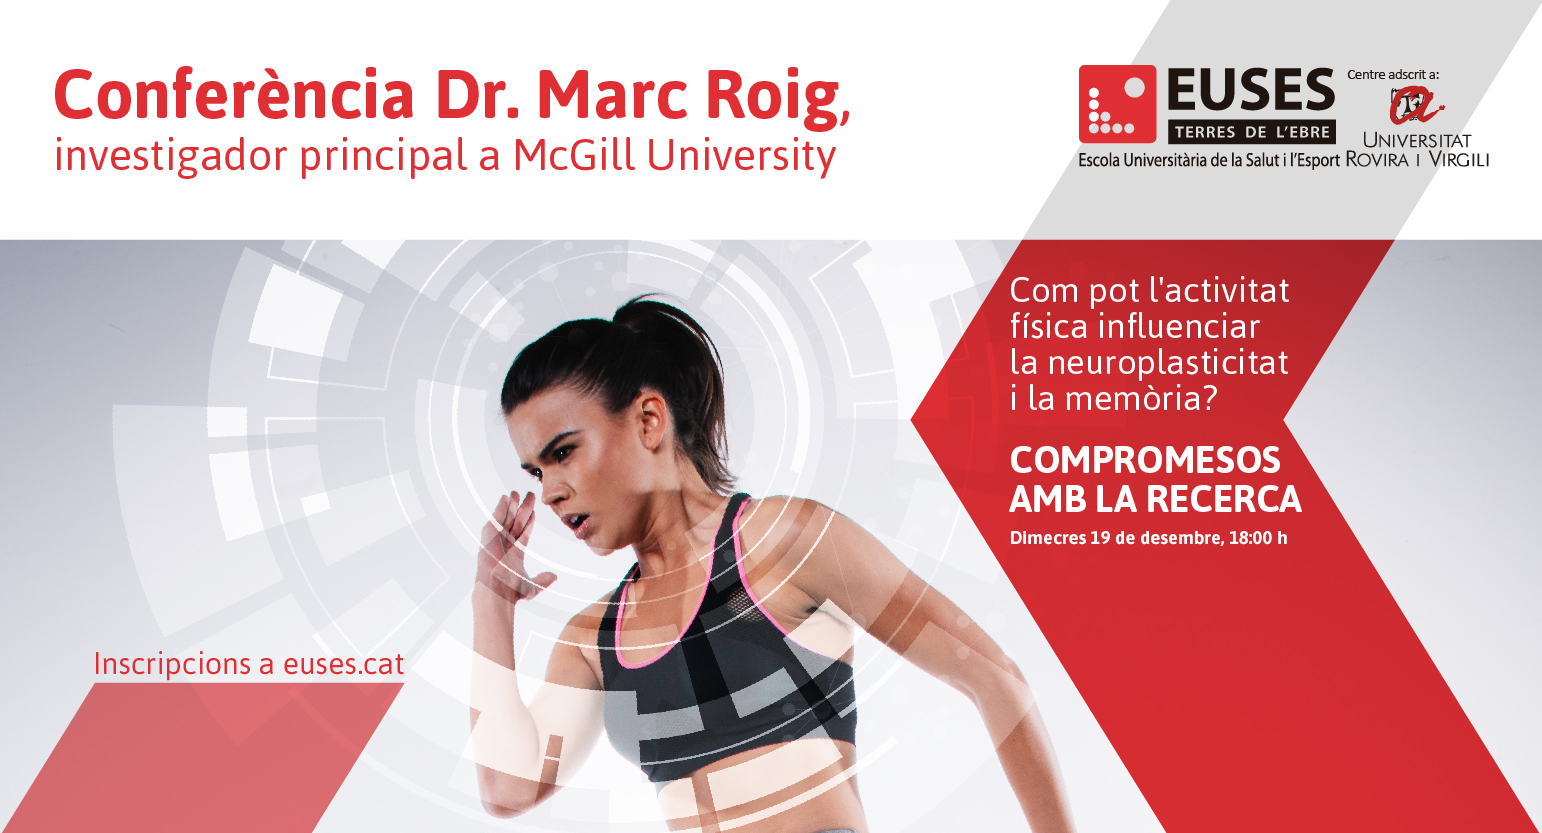 Exercici per canviar el cervell · Conferència de Marc Roig (McGill University)